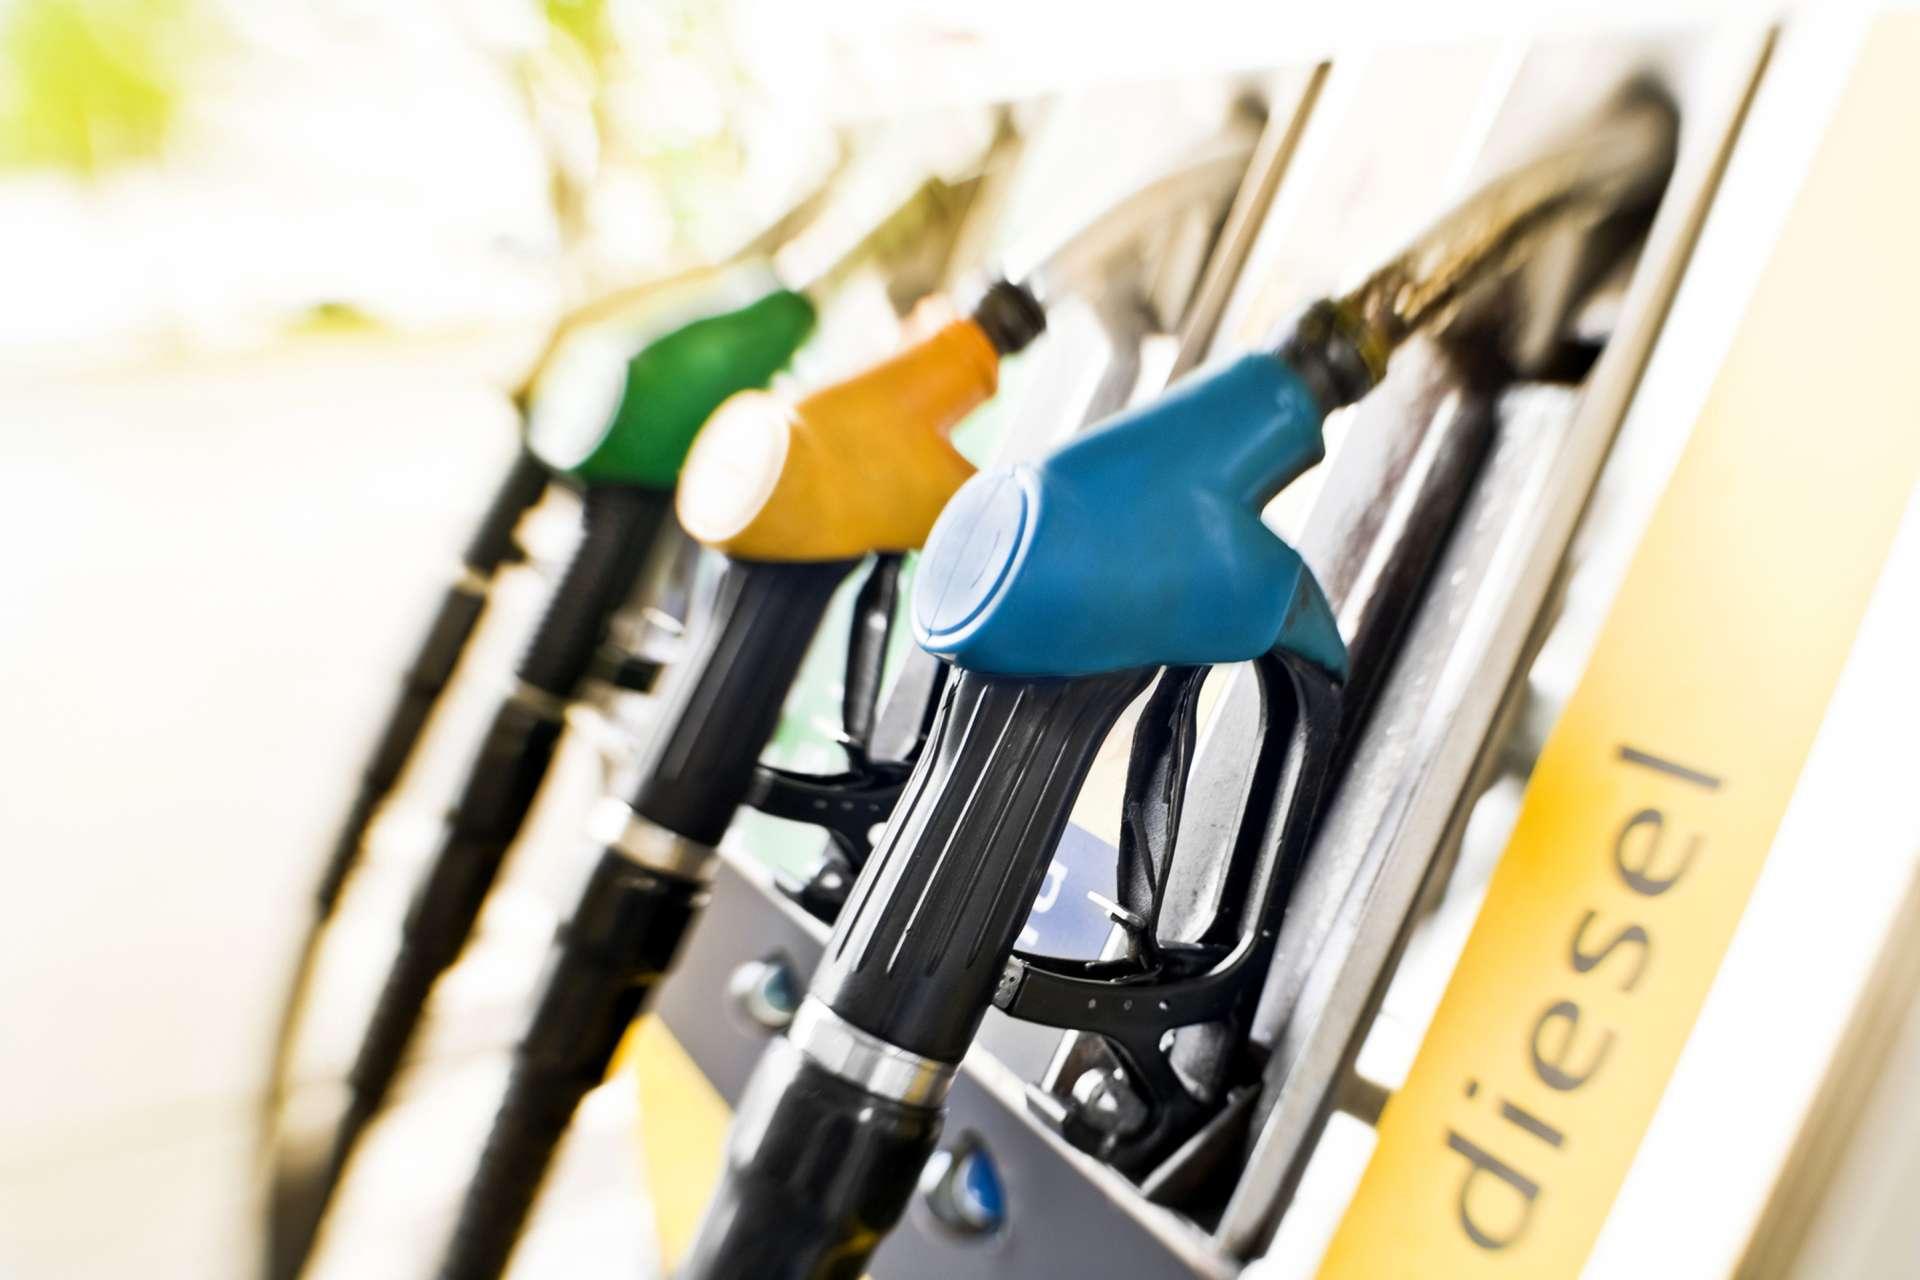 Les véhicules diesel étaient responsables en 2015 de 47% des 385.000 décès prématurés liés aux émissions polluantes du secteur des transports. © mauro_grigollo / IStock.com